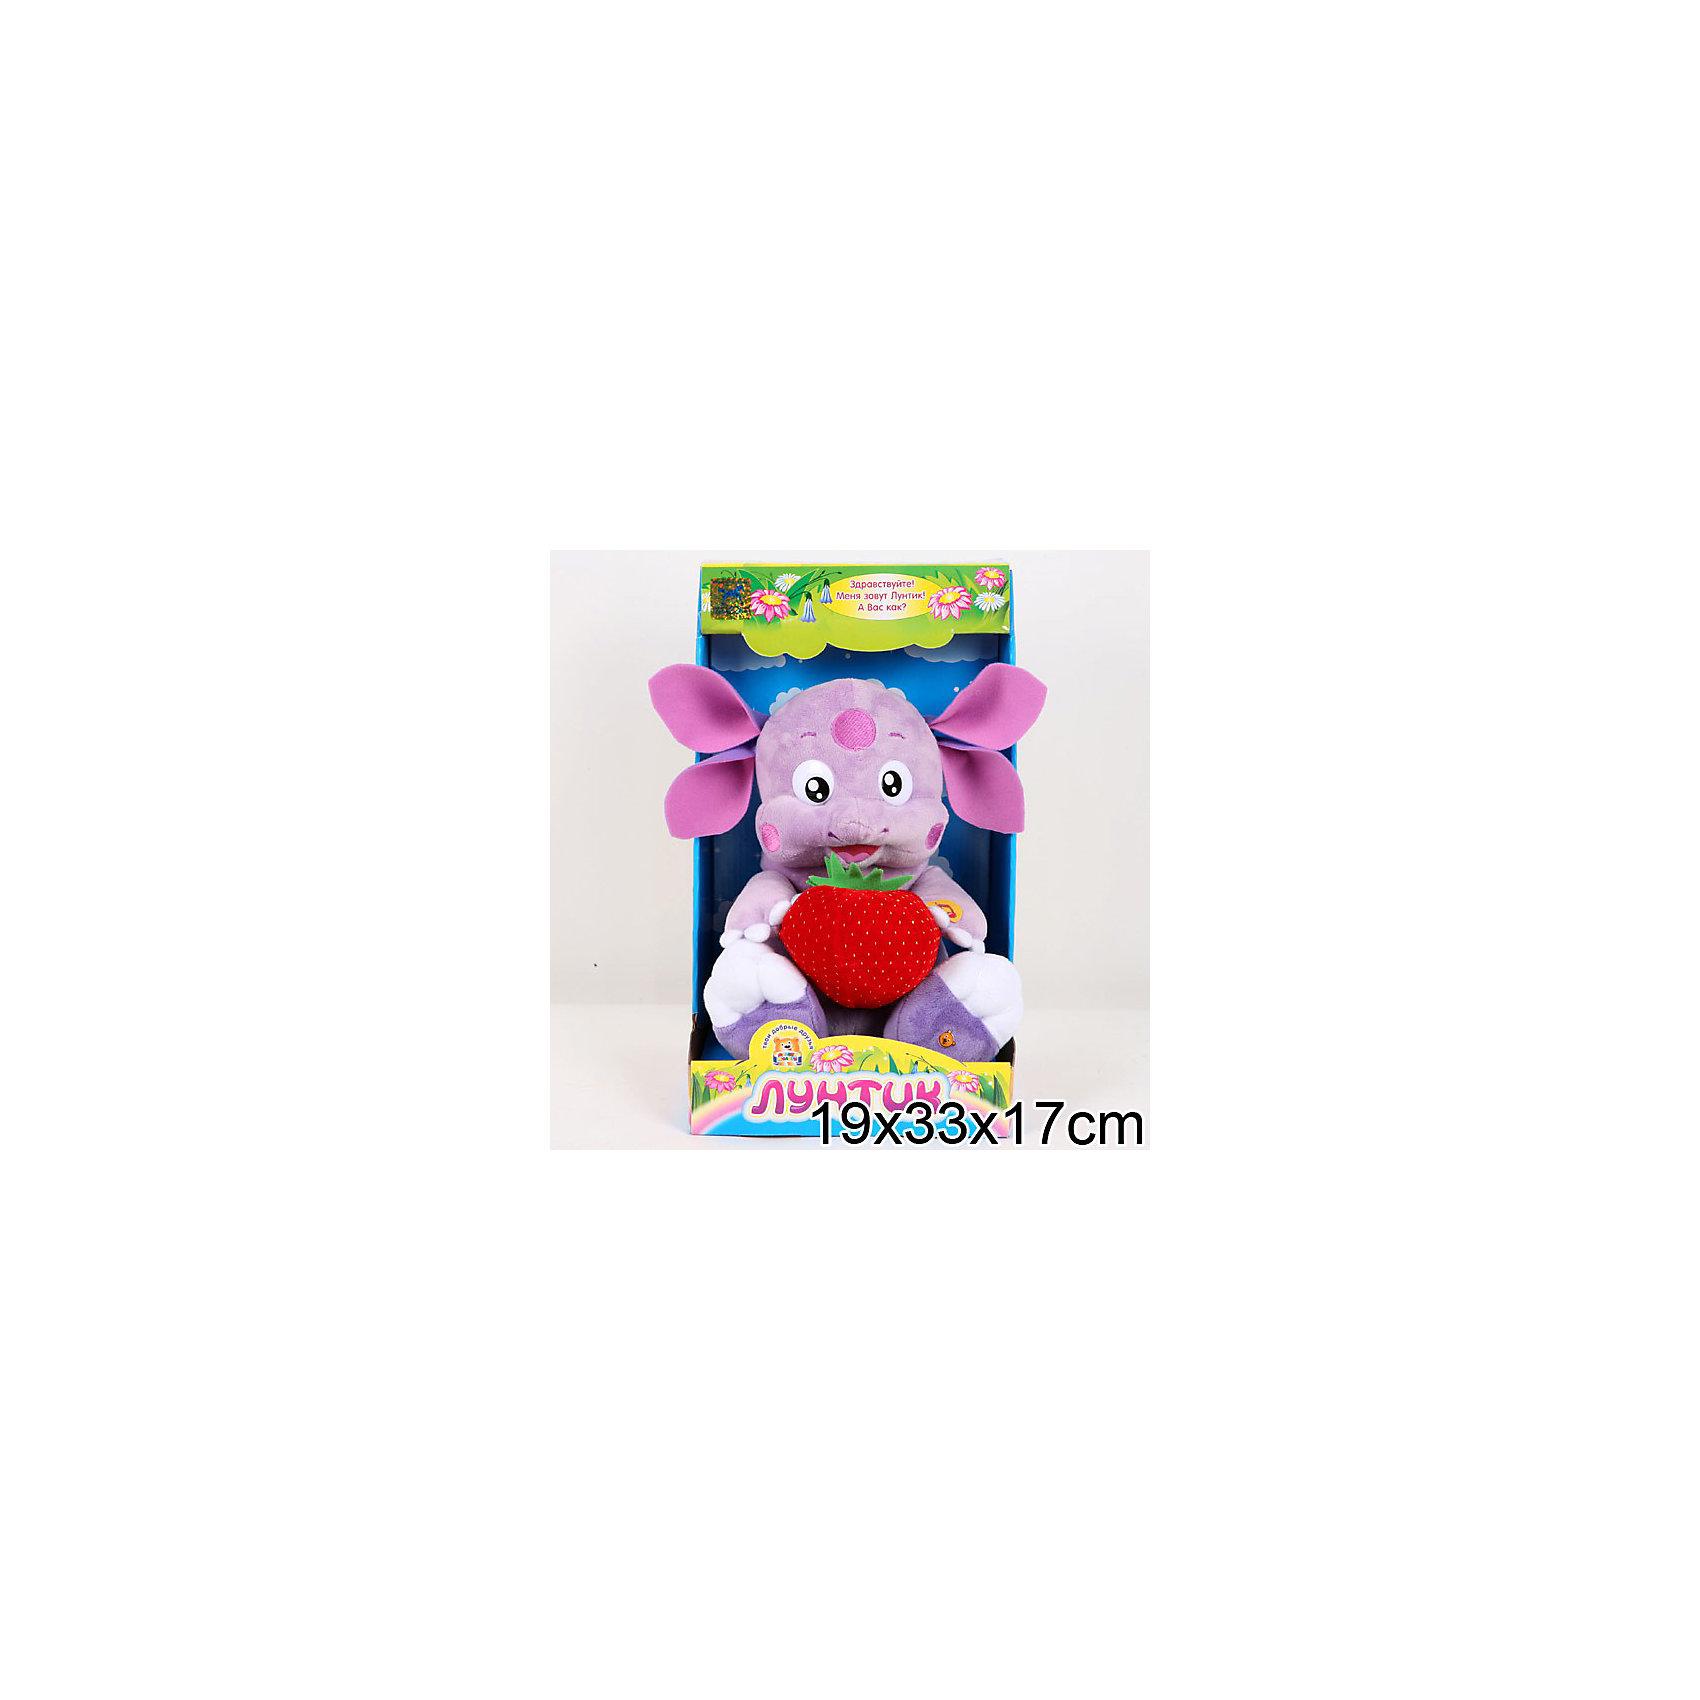 Мягкая игрушка Лунтик с клубничкой, 24 см, МУЛЬТИ-ПУЛЬТИ